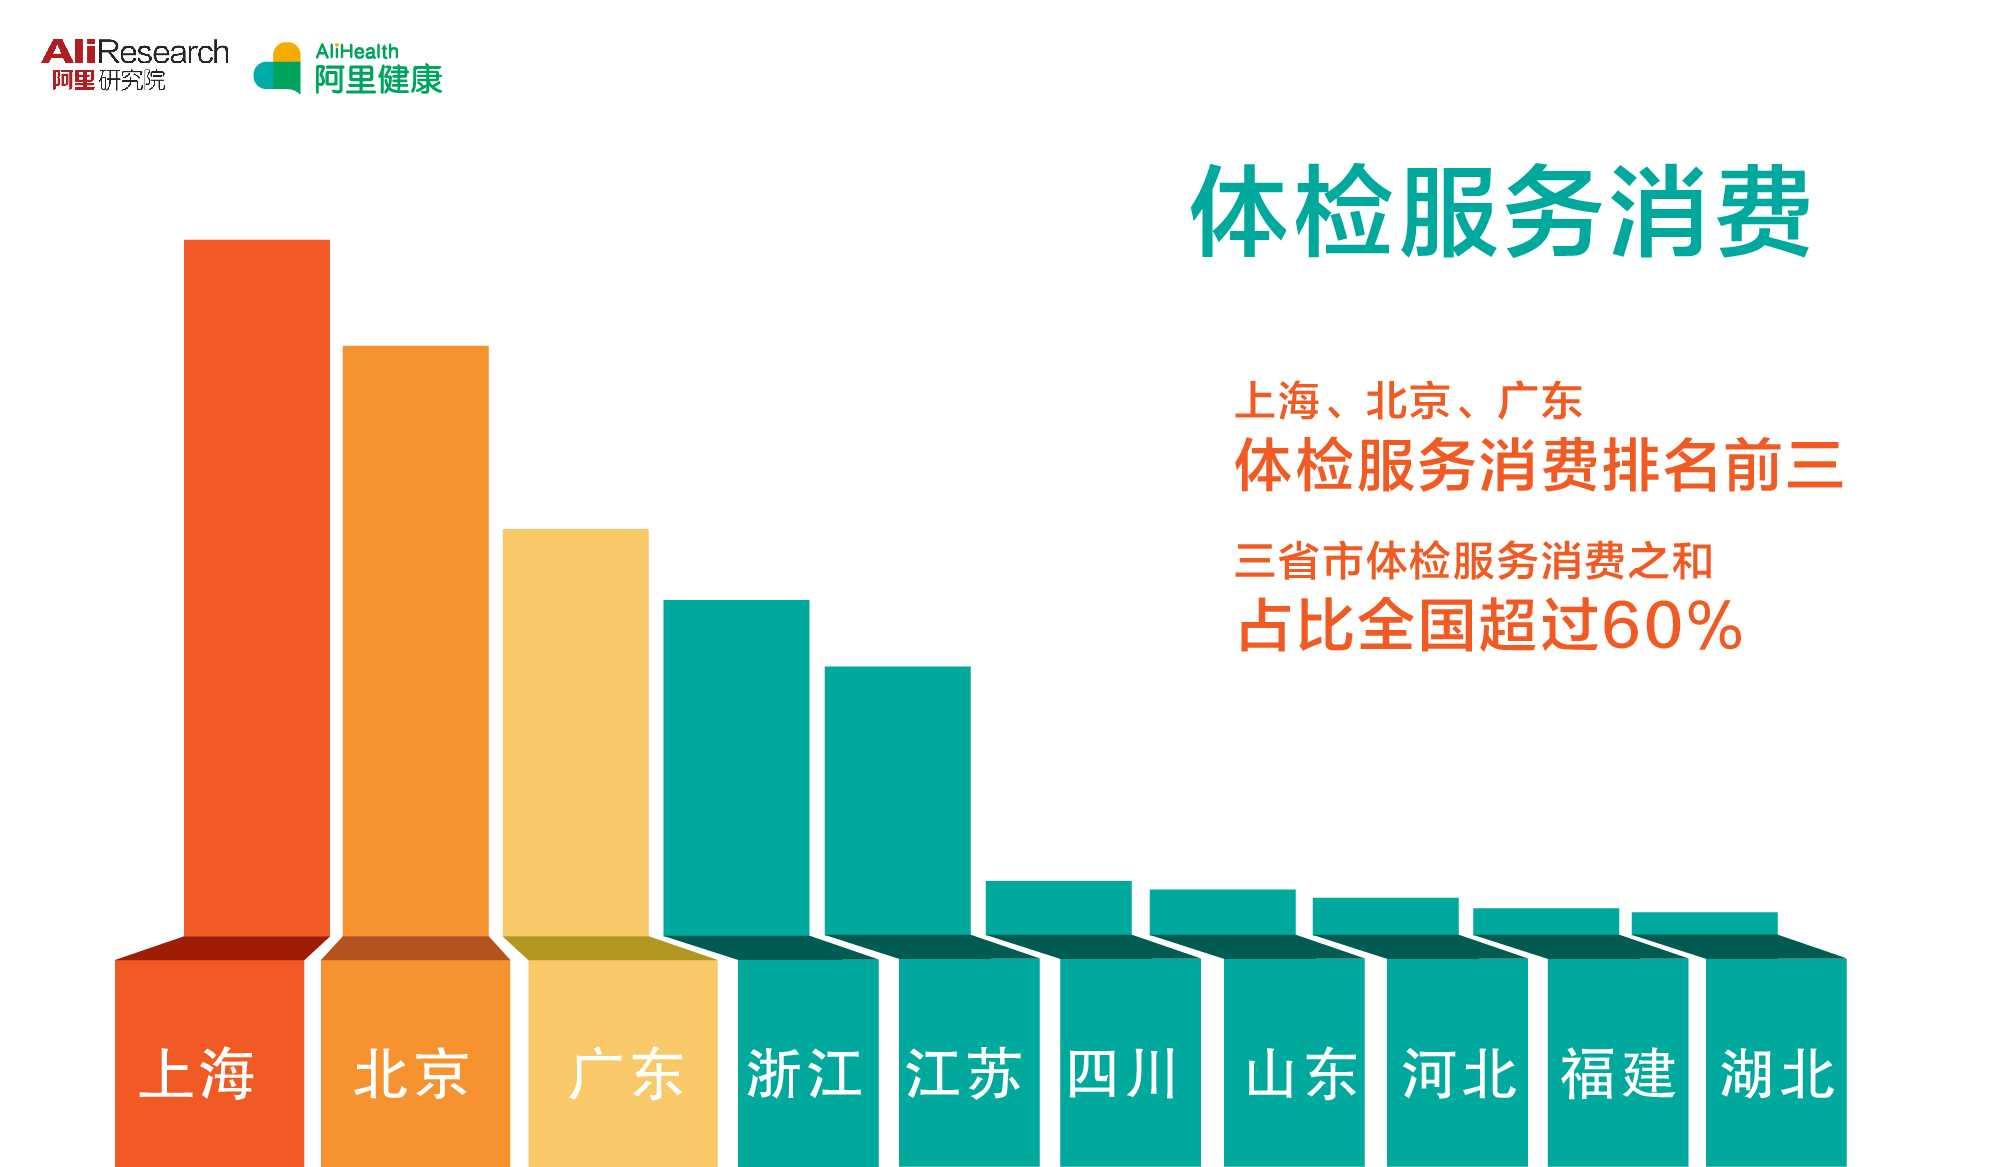 1449735295图七上海、北京、广东体检服务消费排名前三